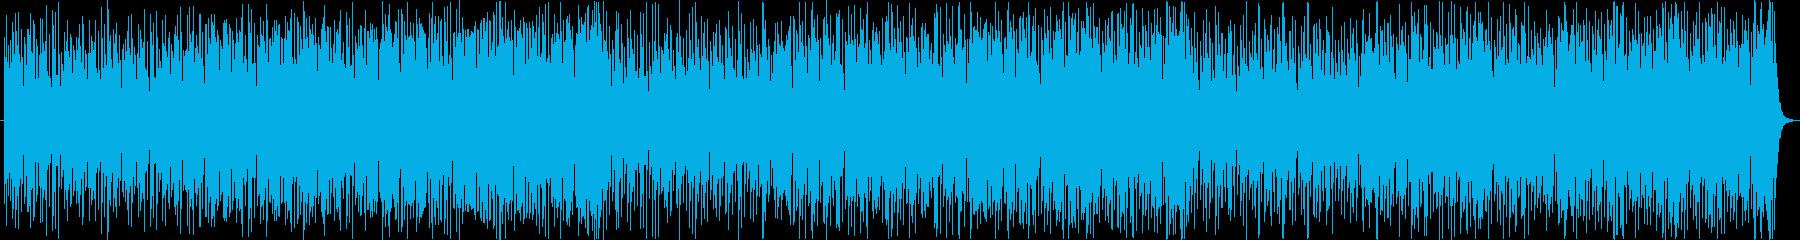 軽快切ない哀愁レゲエラテンヒップホップaの再生済みの波形